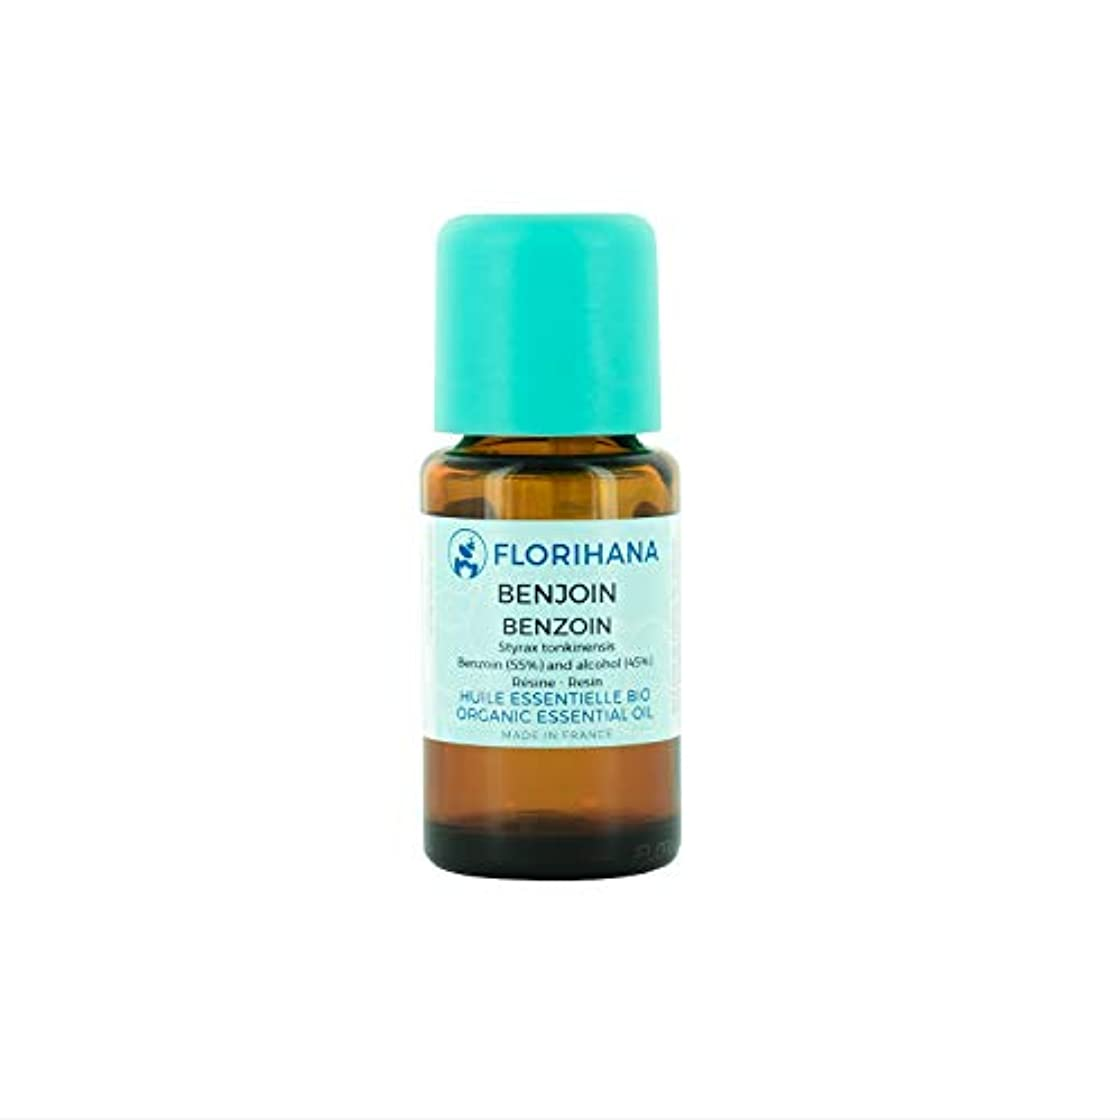 シフト東閲覧するFlorihana オーガニックエッセンシャルオイル ベンゾイン 5g(5ml)